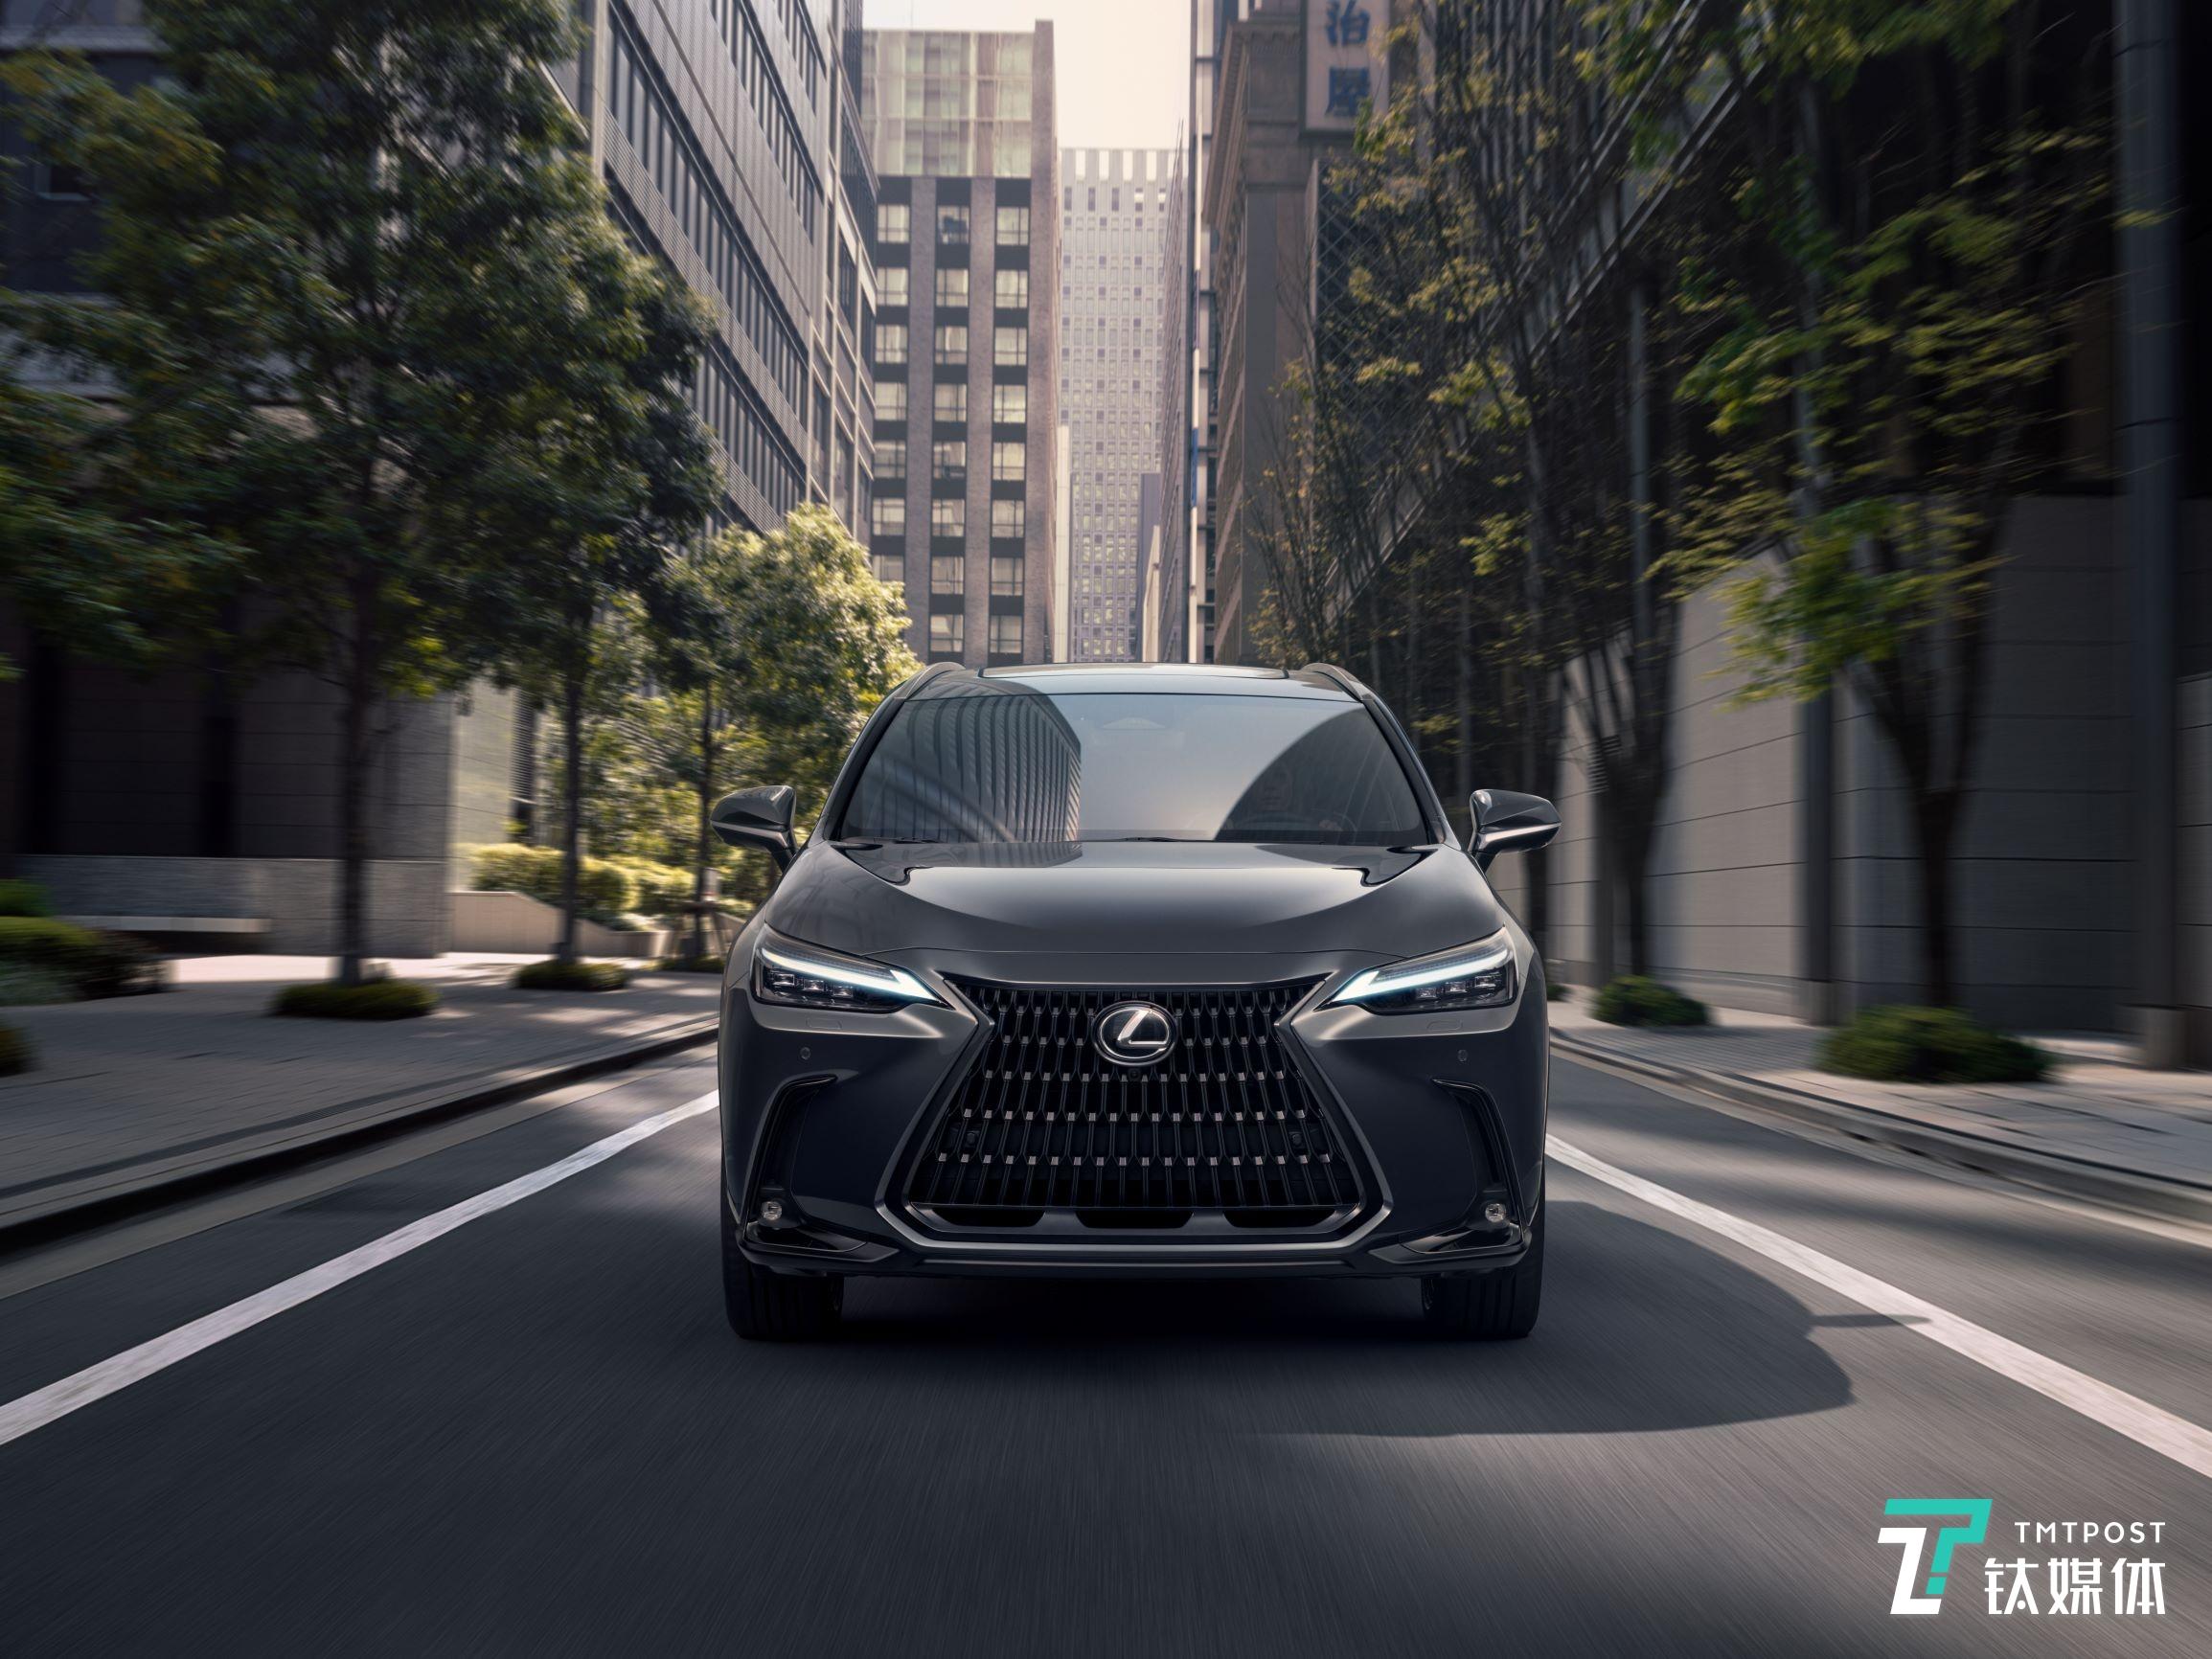 雷克萨斯发布全新一代NX,推出首款插电式混合动力车型 | 一线车讯